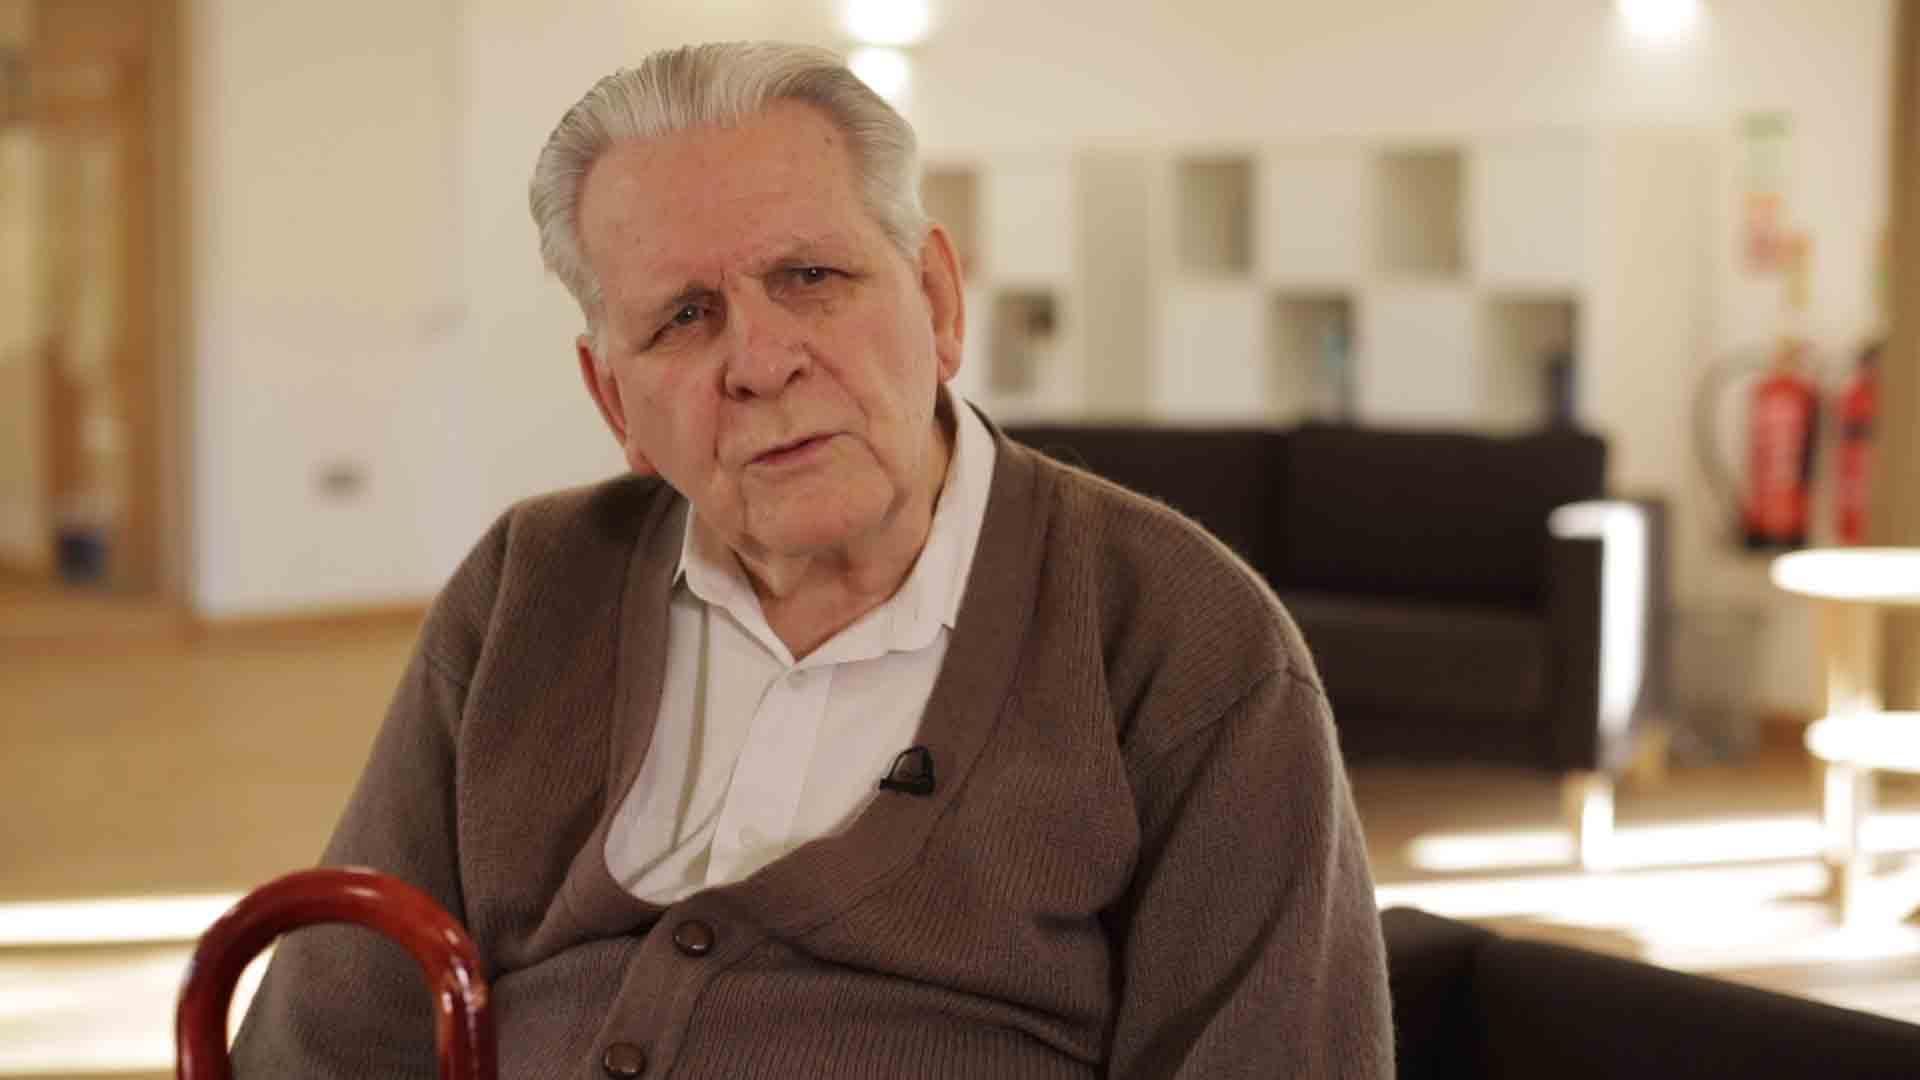 Norman Chadwick